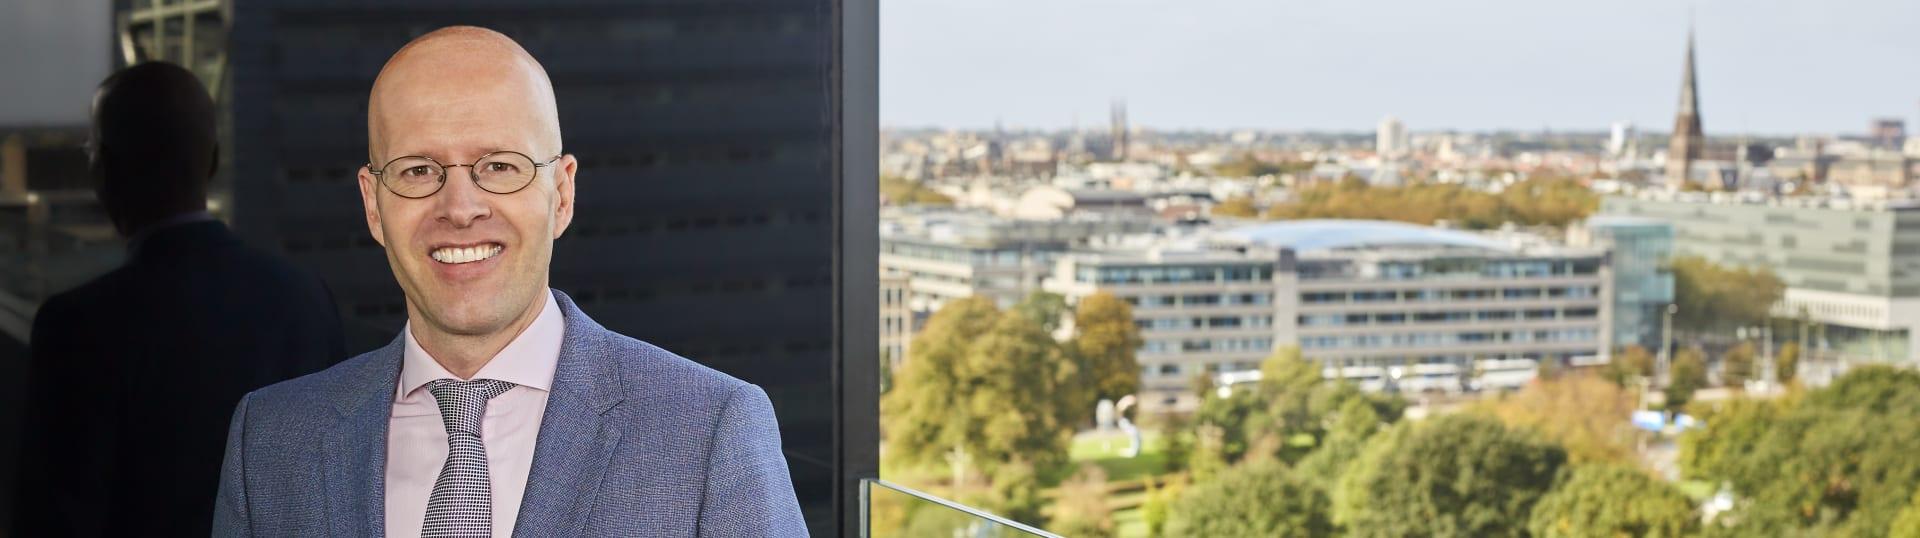 Floris Sepmeijer, counsel Pels Rijcken